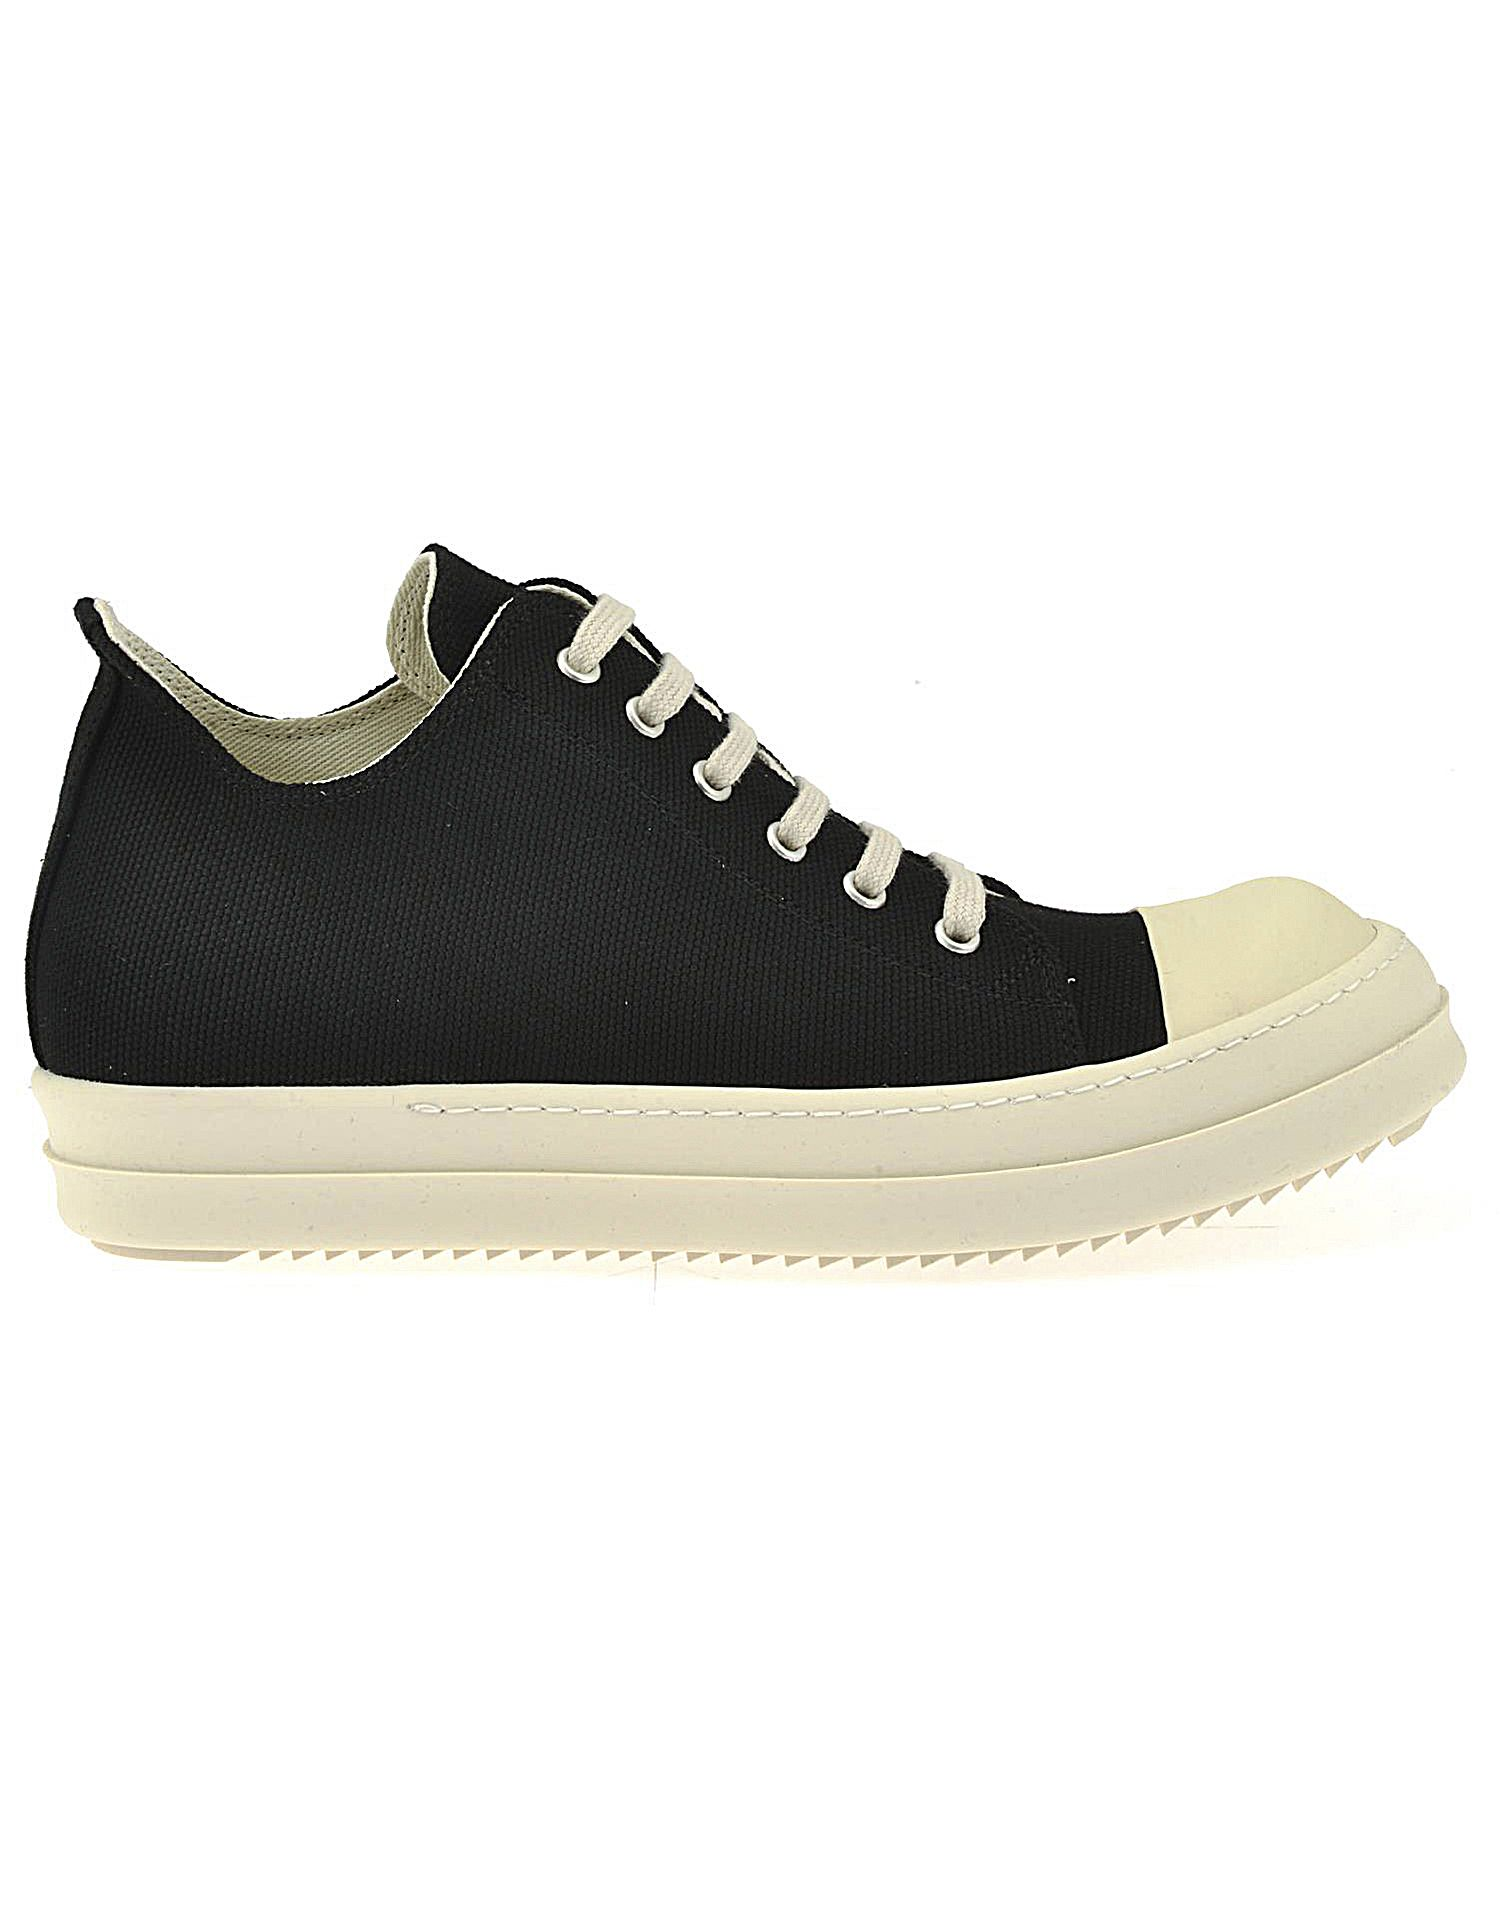 DRKSHDW Canvas Sneakers